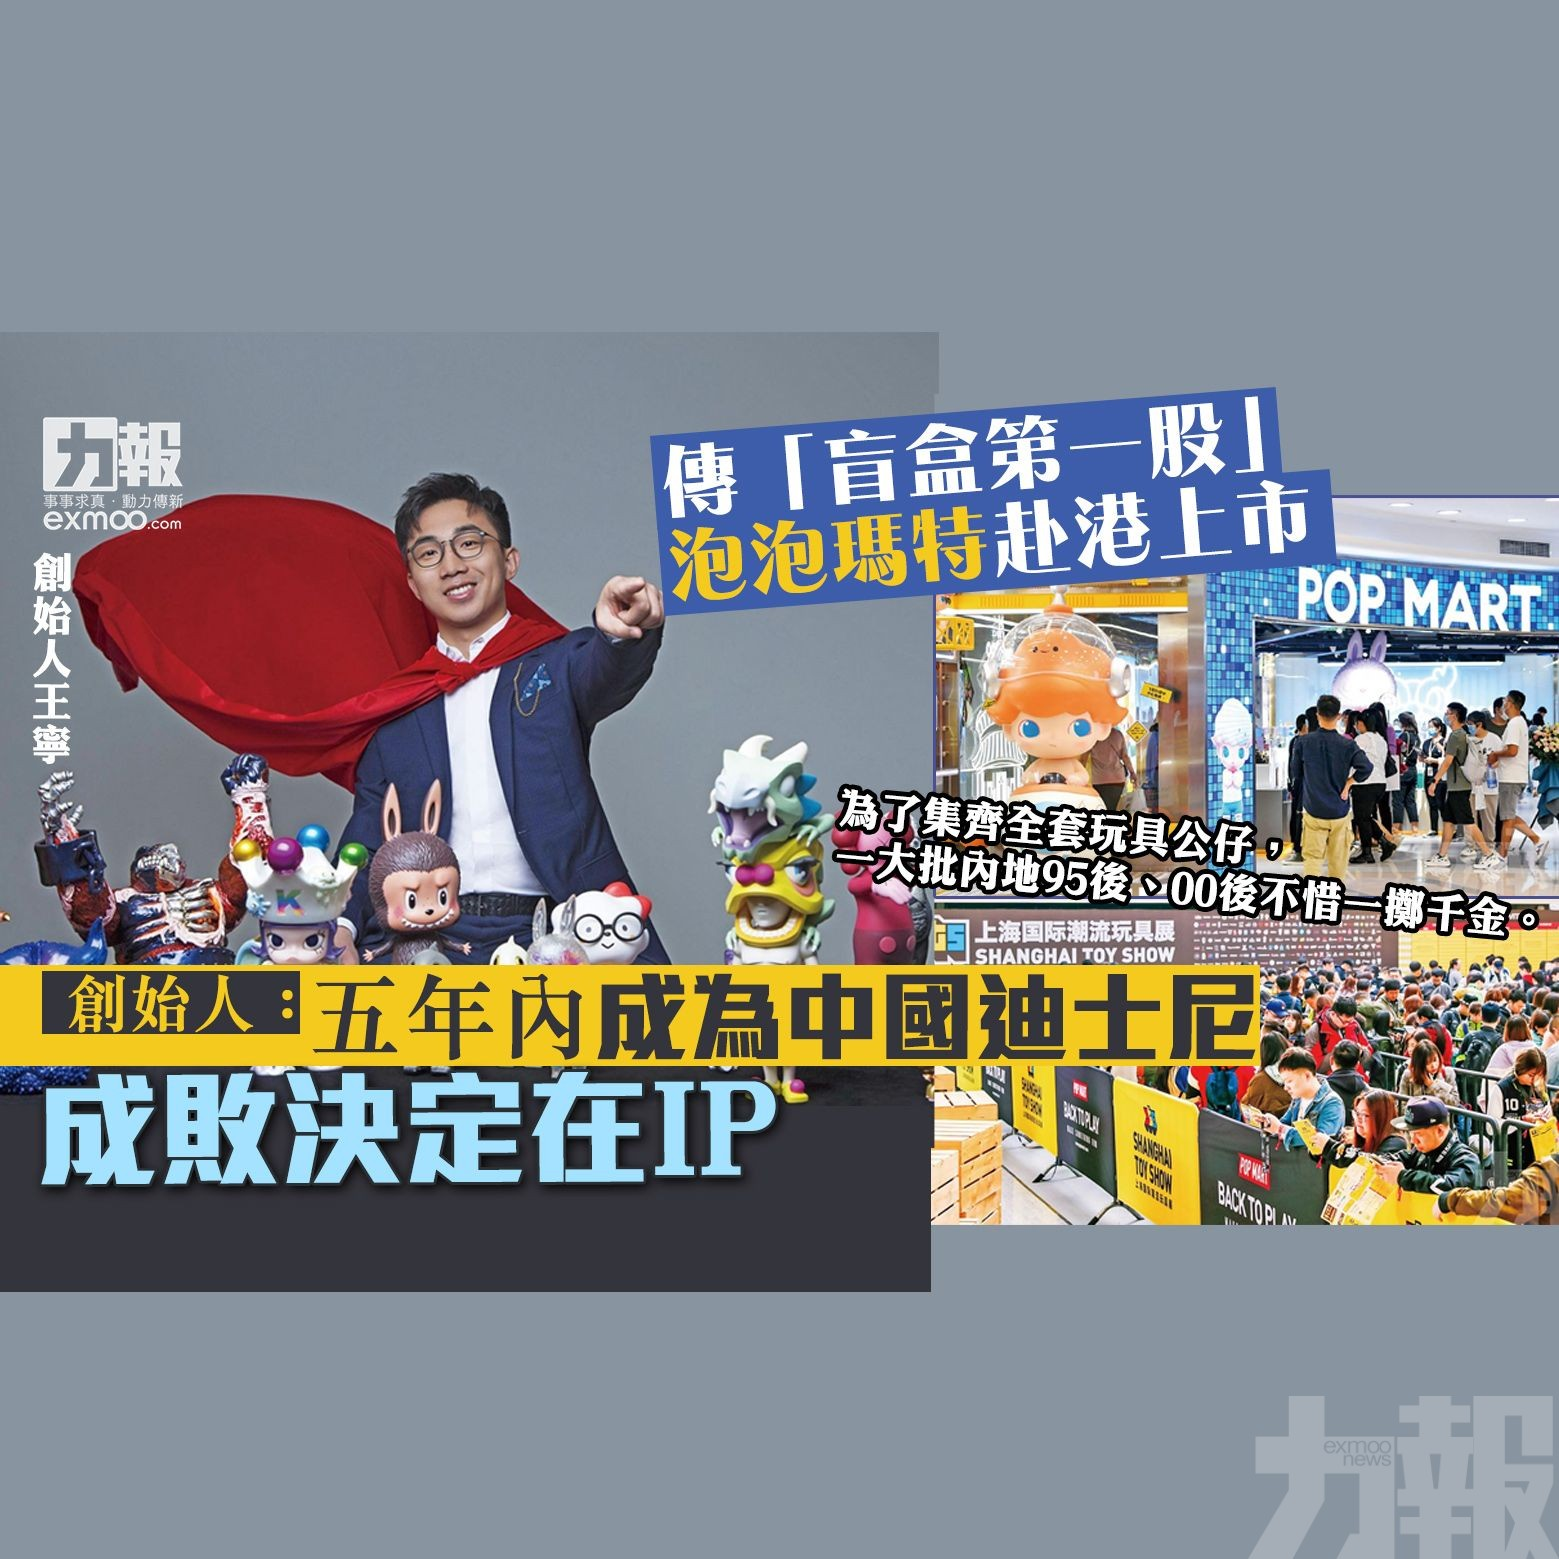 創始人:五年內成為中國迪士尼 成敗決定在IP